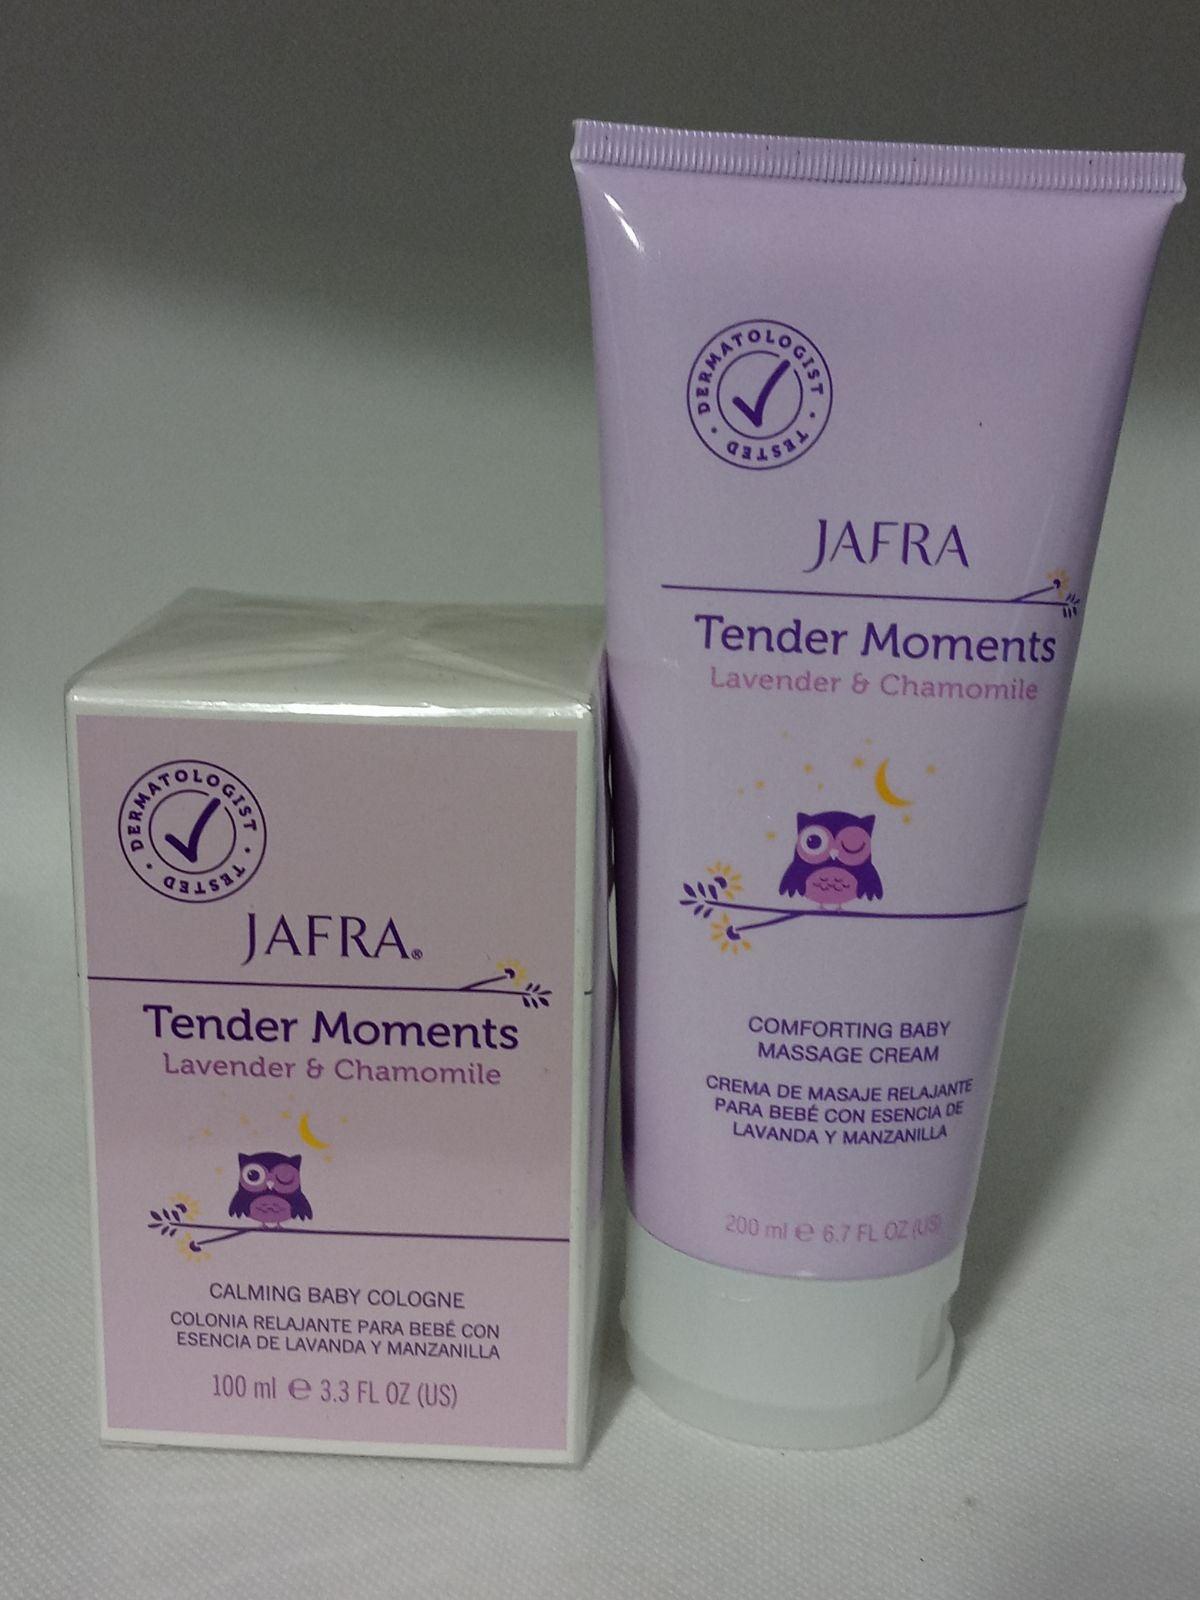 2pc set Tender moments- Jafra